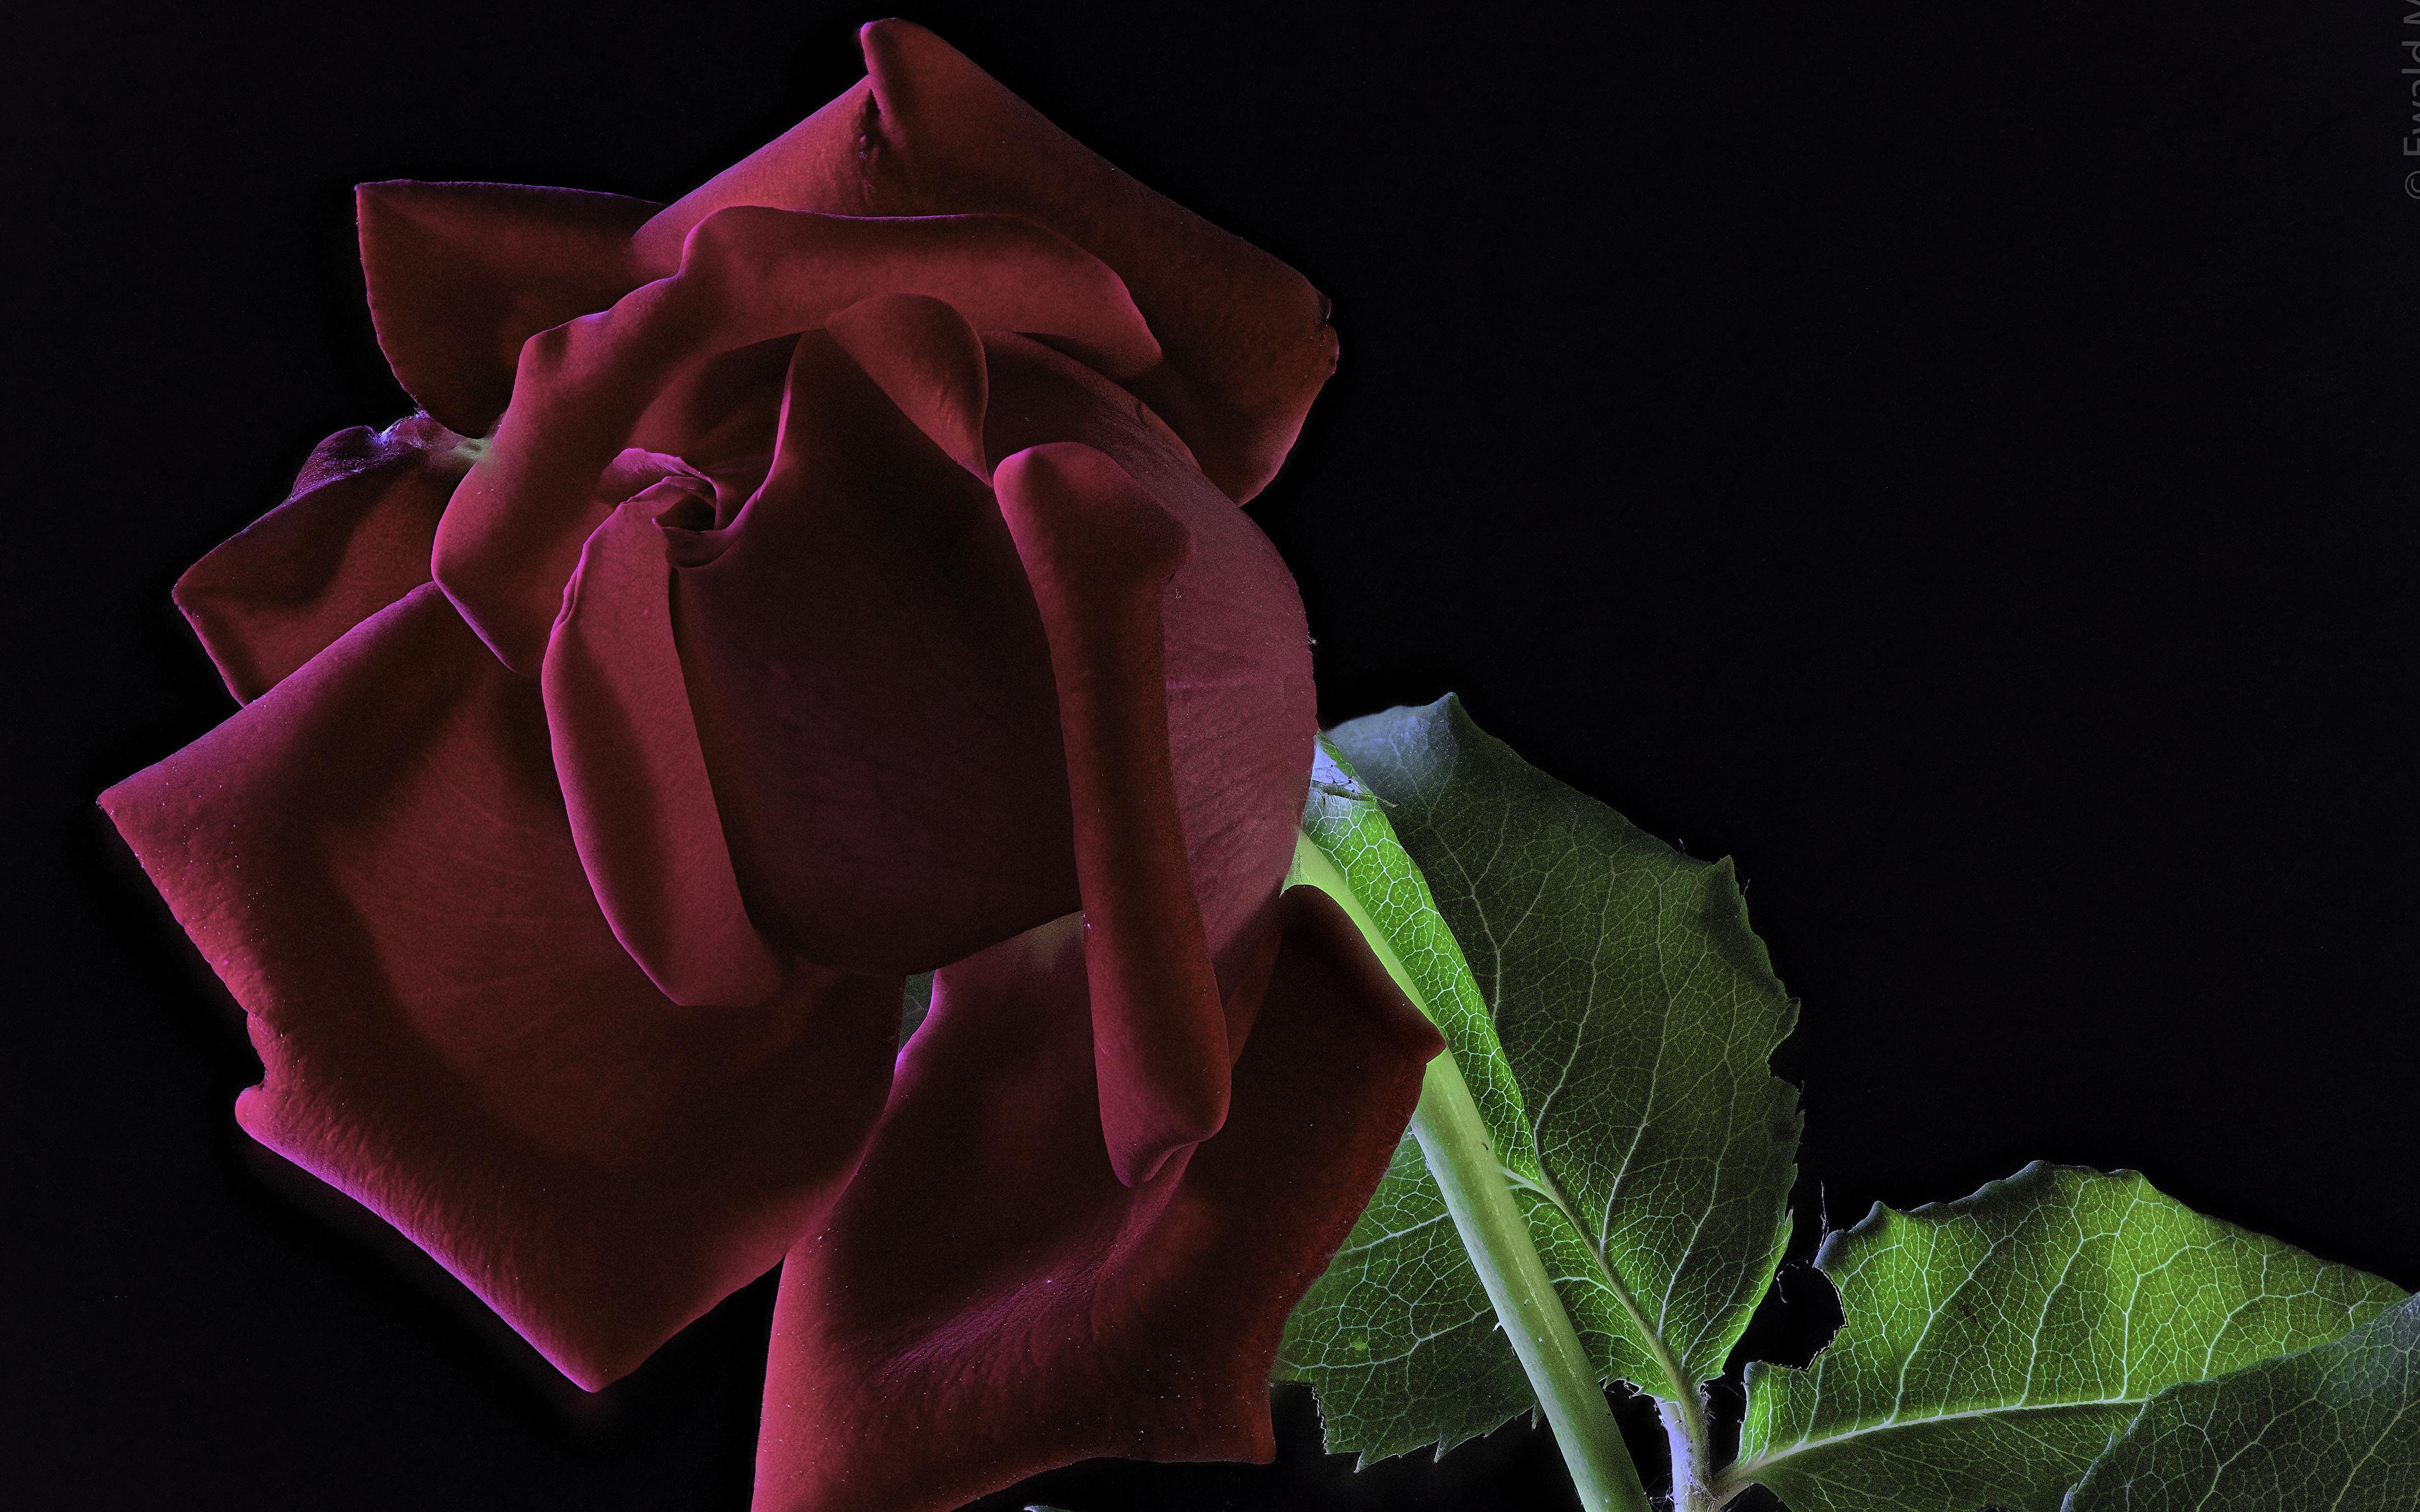 Фотографии Розы бордовая Цветы вблизи на черном фоне 3840x2400 роза бордовые Бордовый темно красный цветок Черный фон Крупным планом